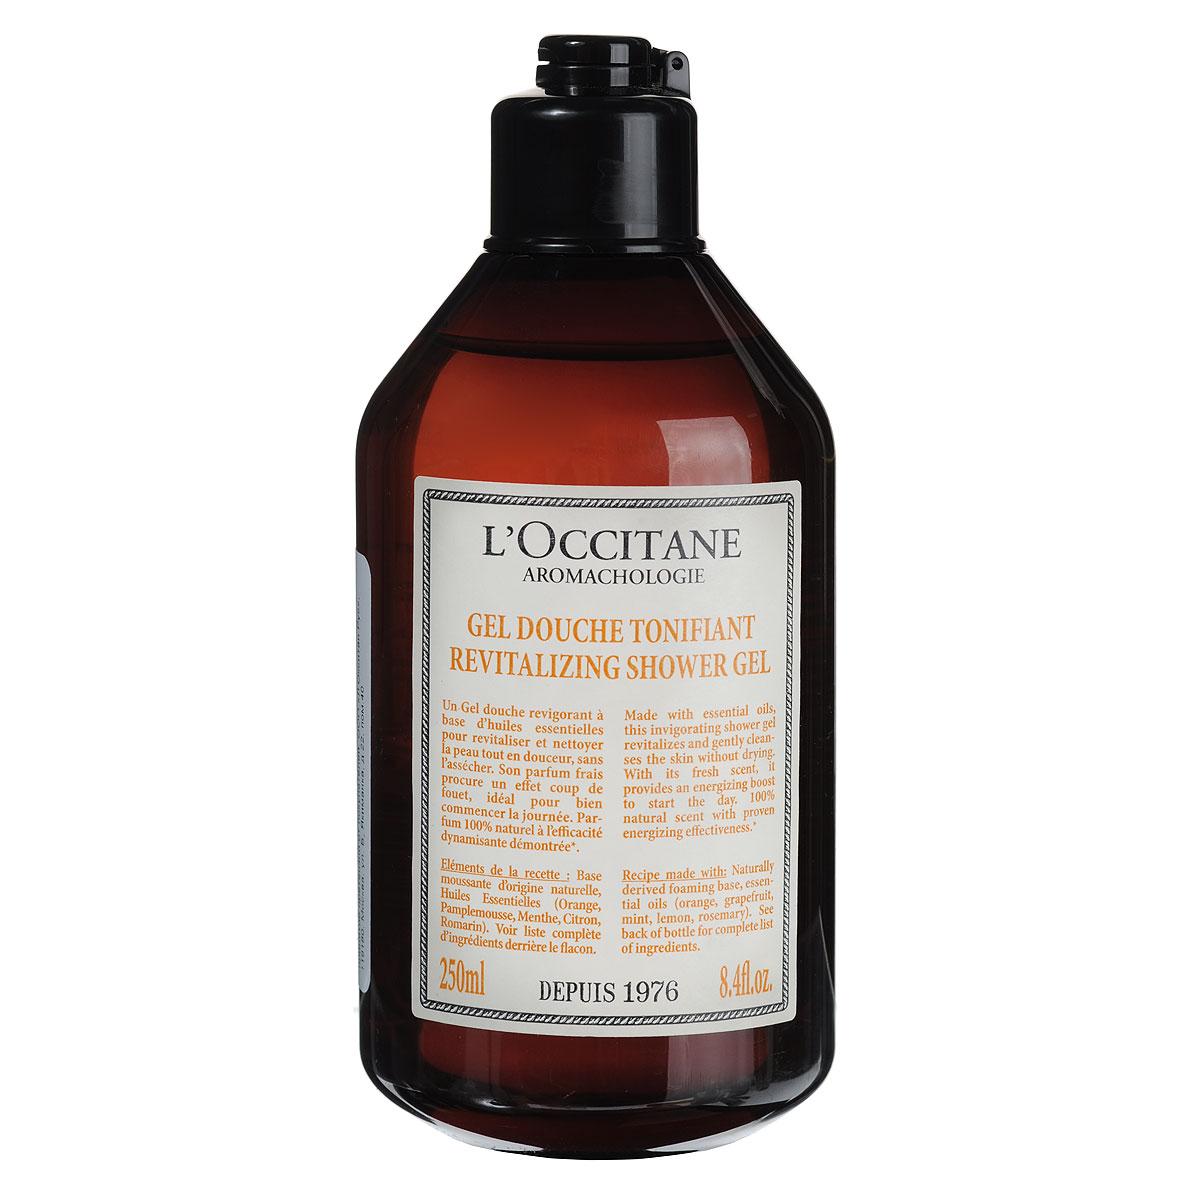 LOccitane Гель для душа Аромакология, тонизирующий, 250 мл350331Бодрящий гель для душа с эфирными маслами заряжает энергией на целый день. 95 % натуральных компонентов — пенообразующая основа без сульфатов. Натуральный аромат с доказанным тонизирующим эффектом. Товар сертифицирован.